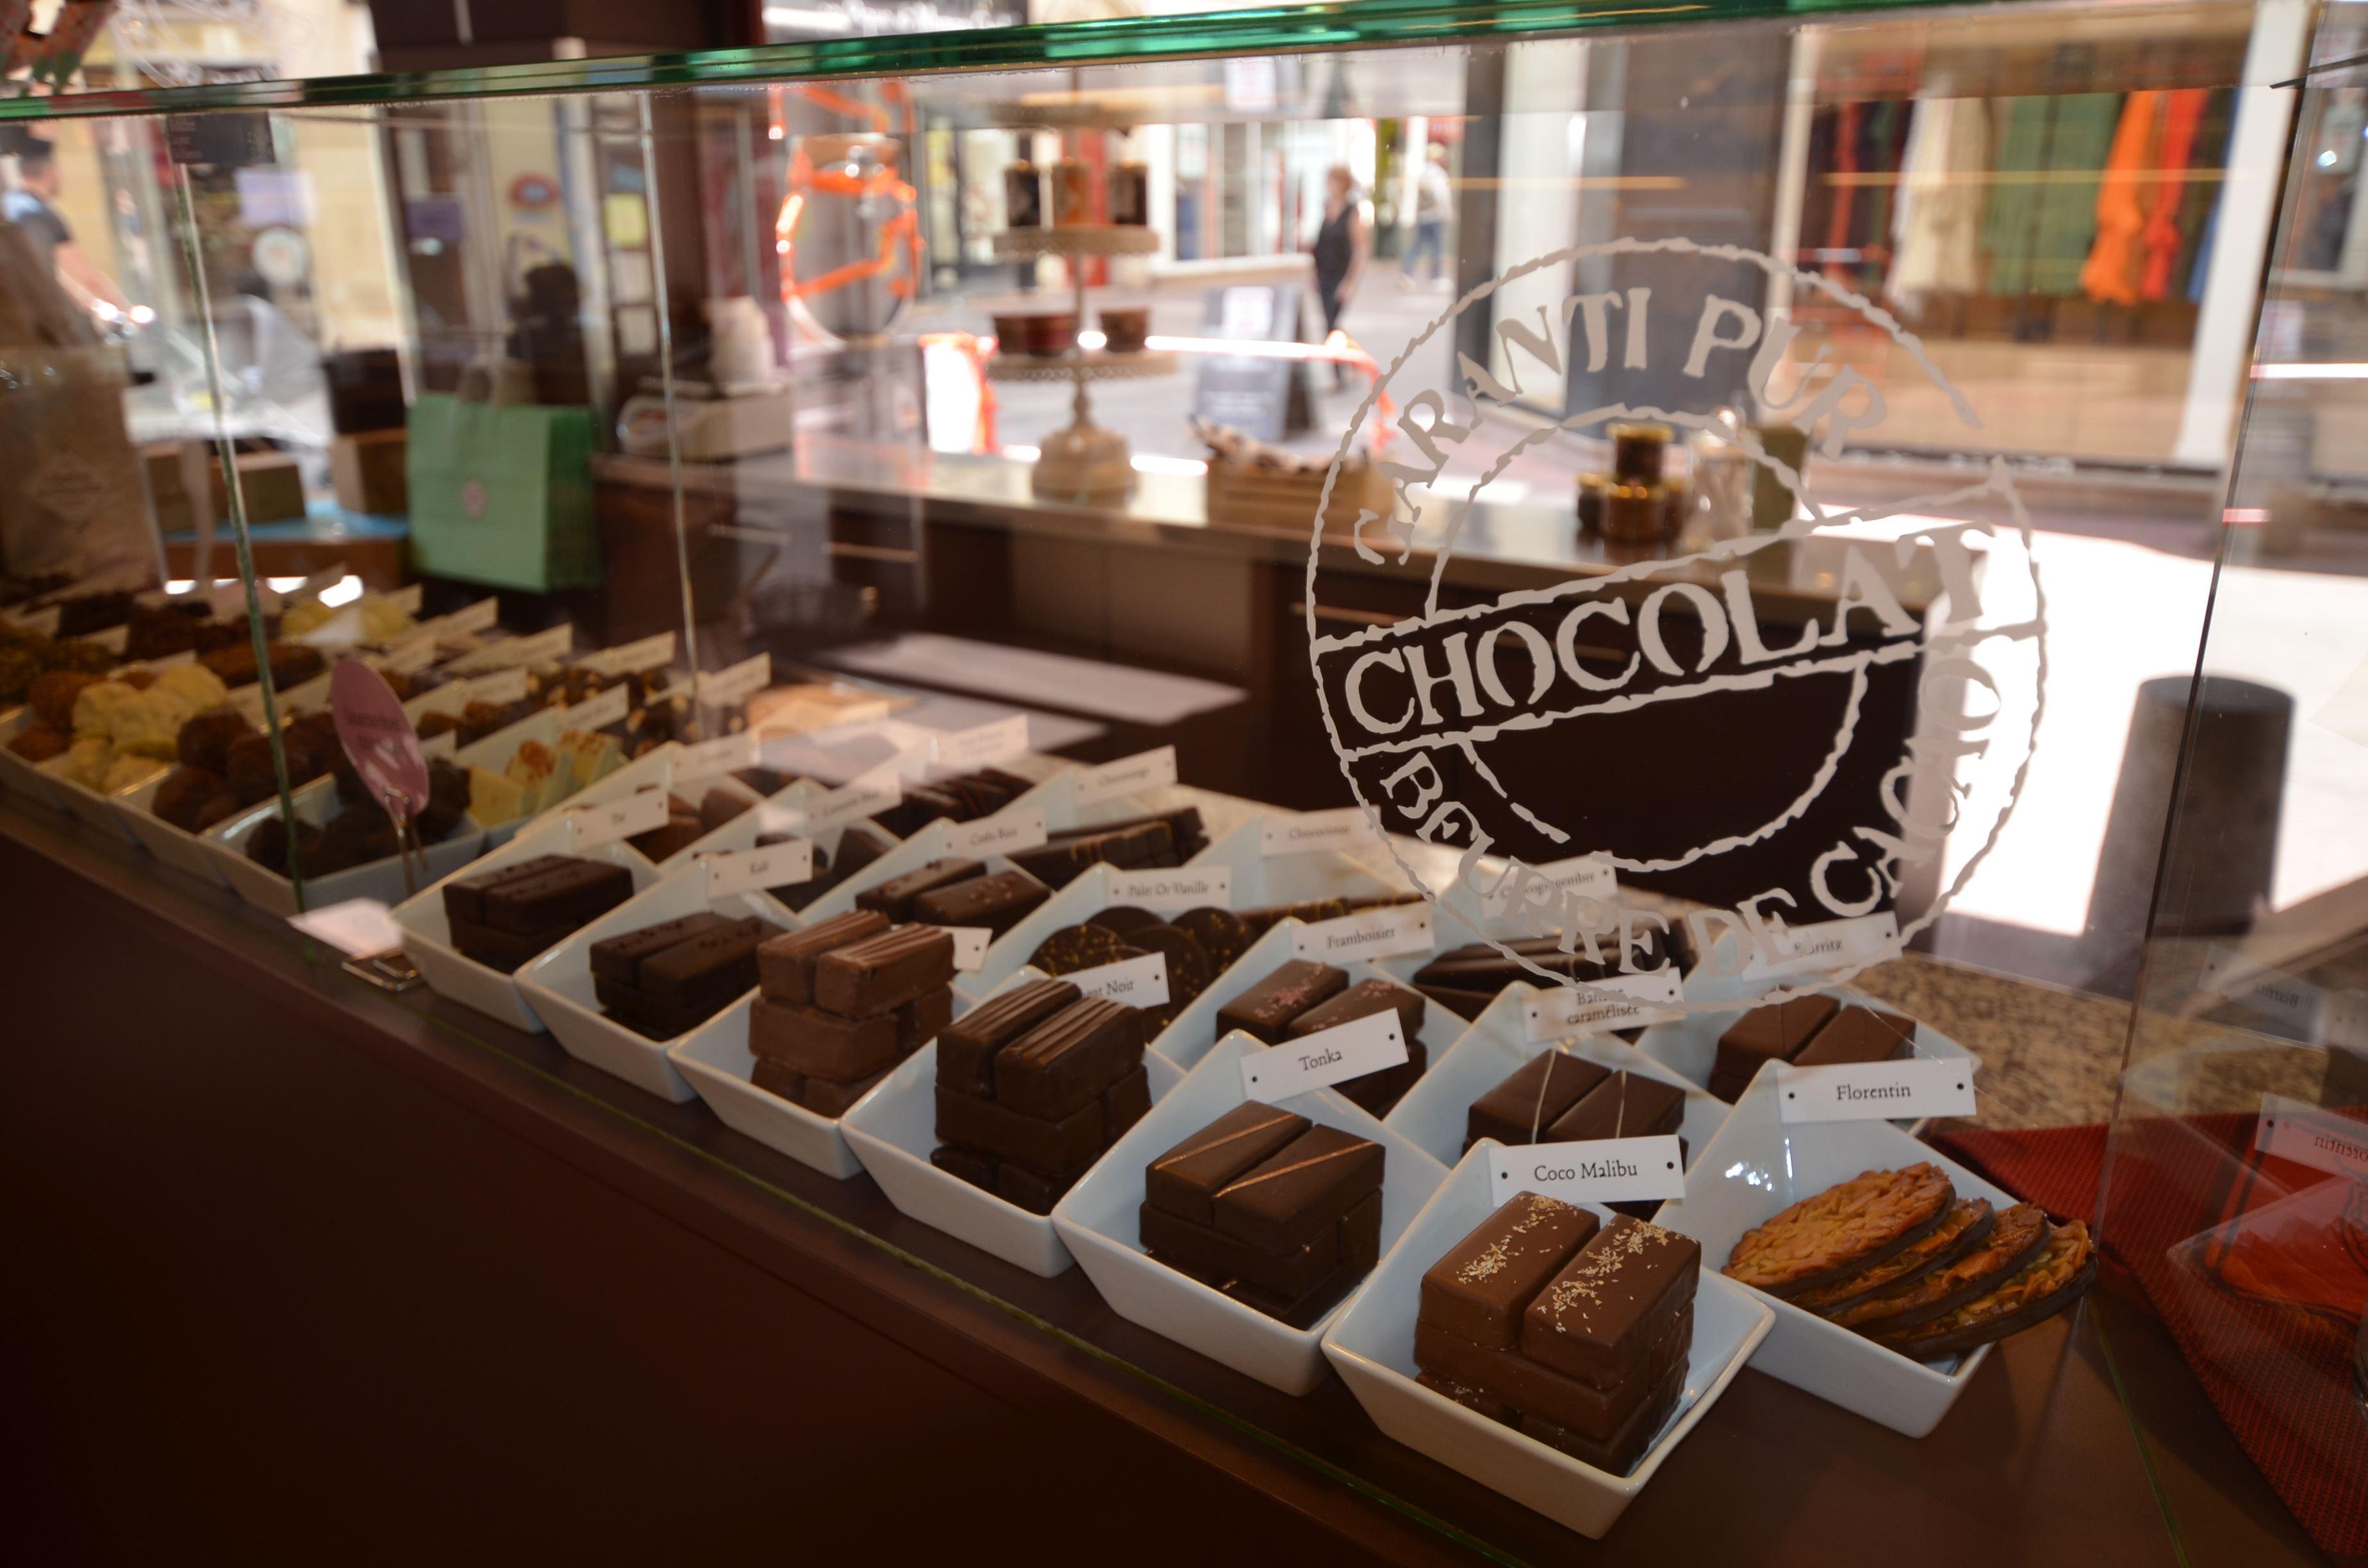 L'apprenti chocolatier - Nouveau !